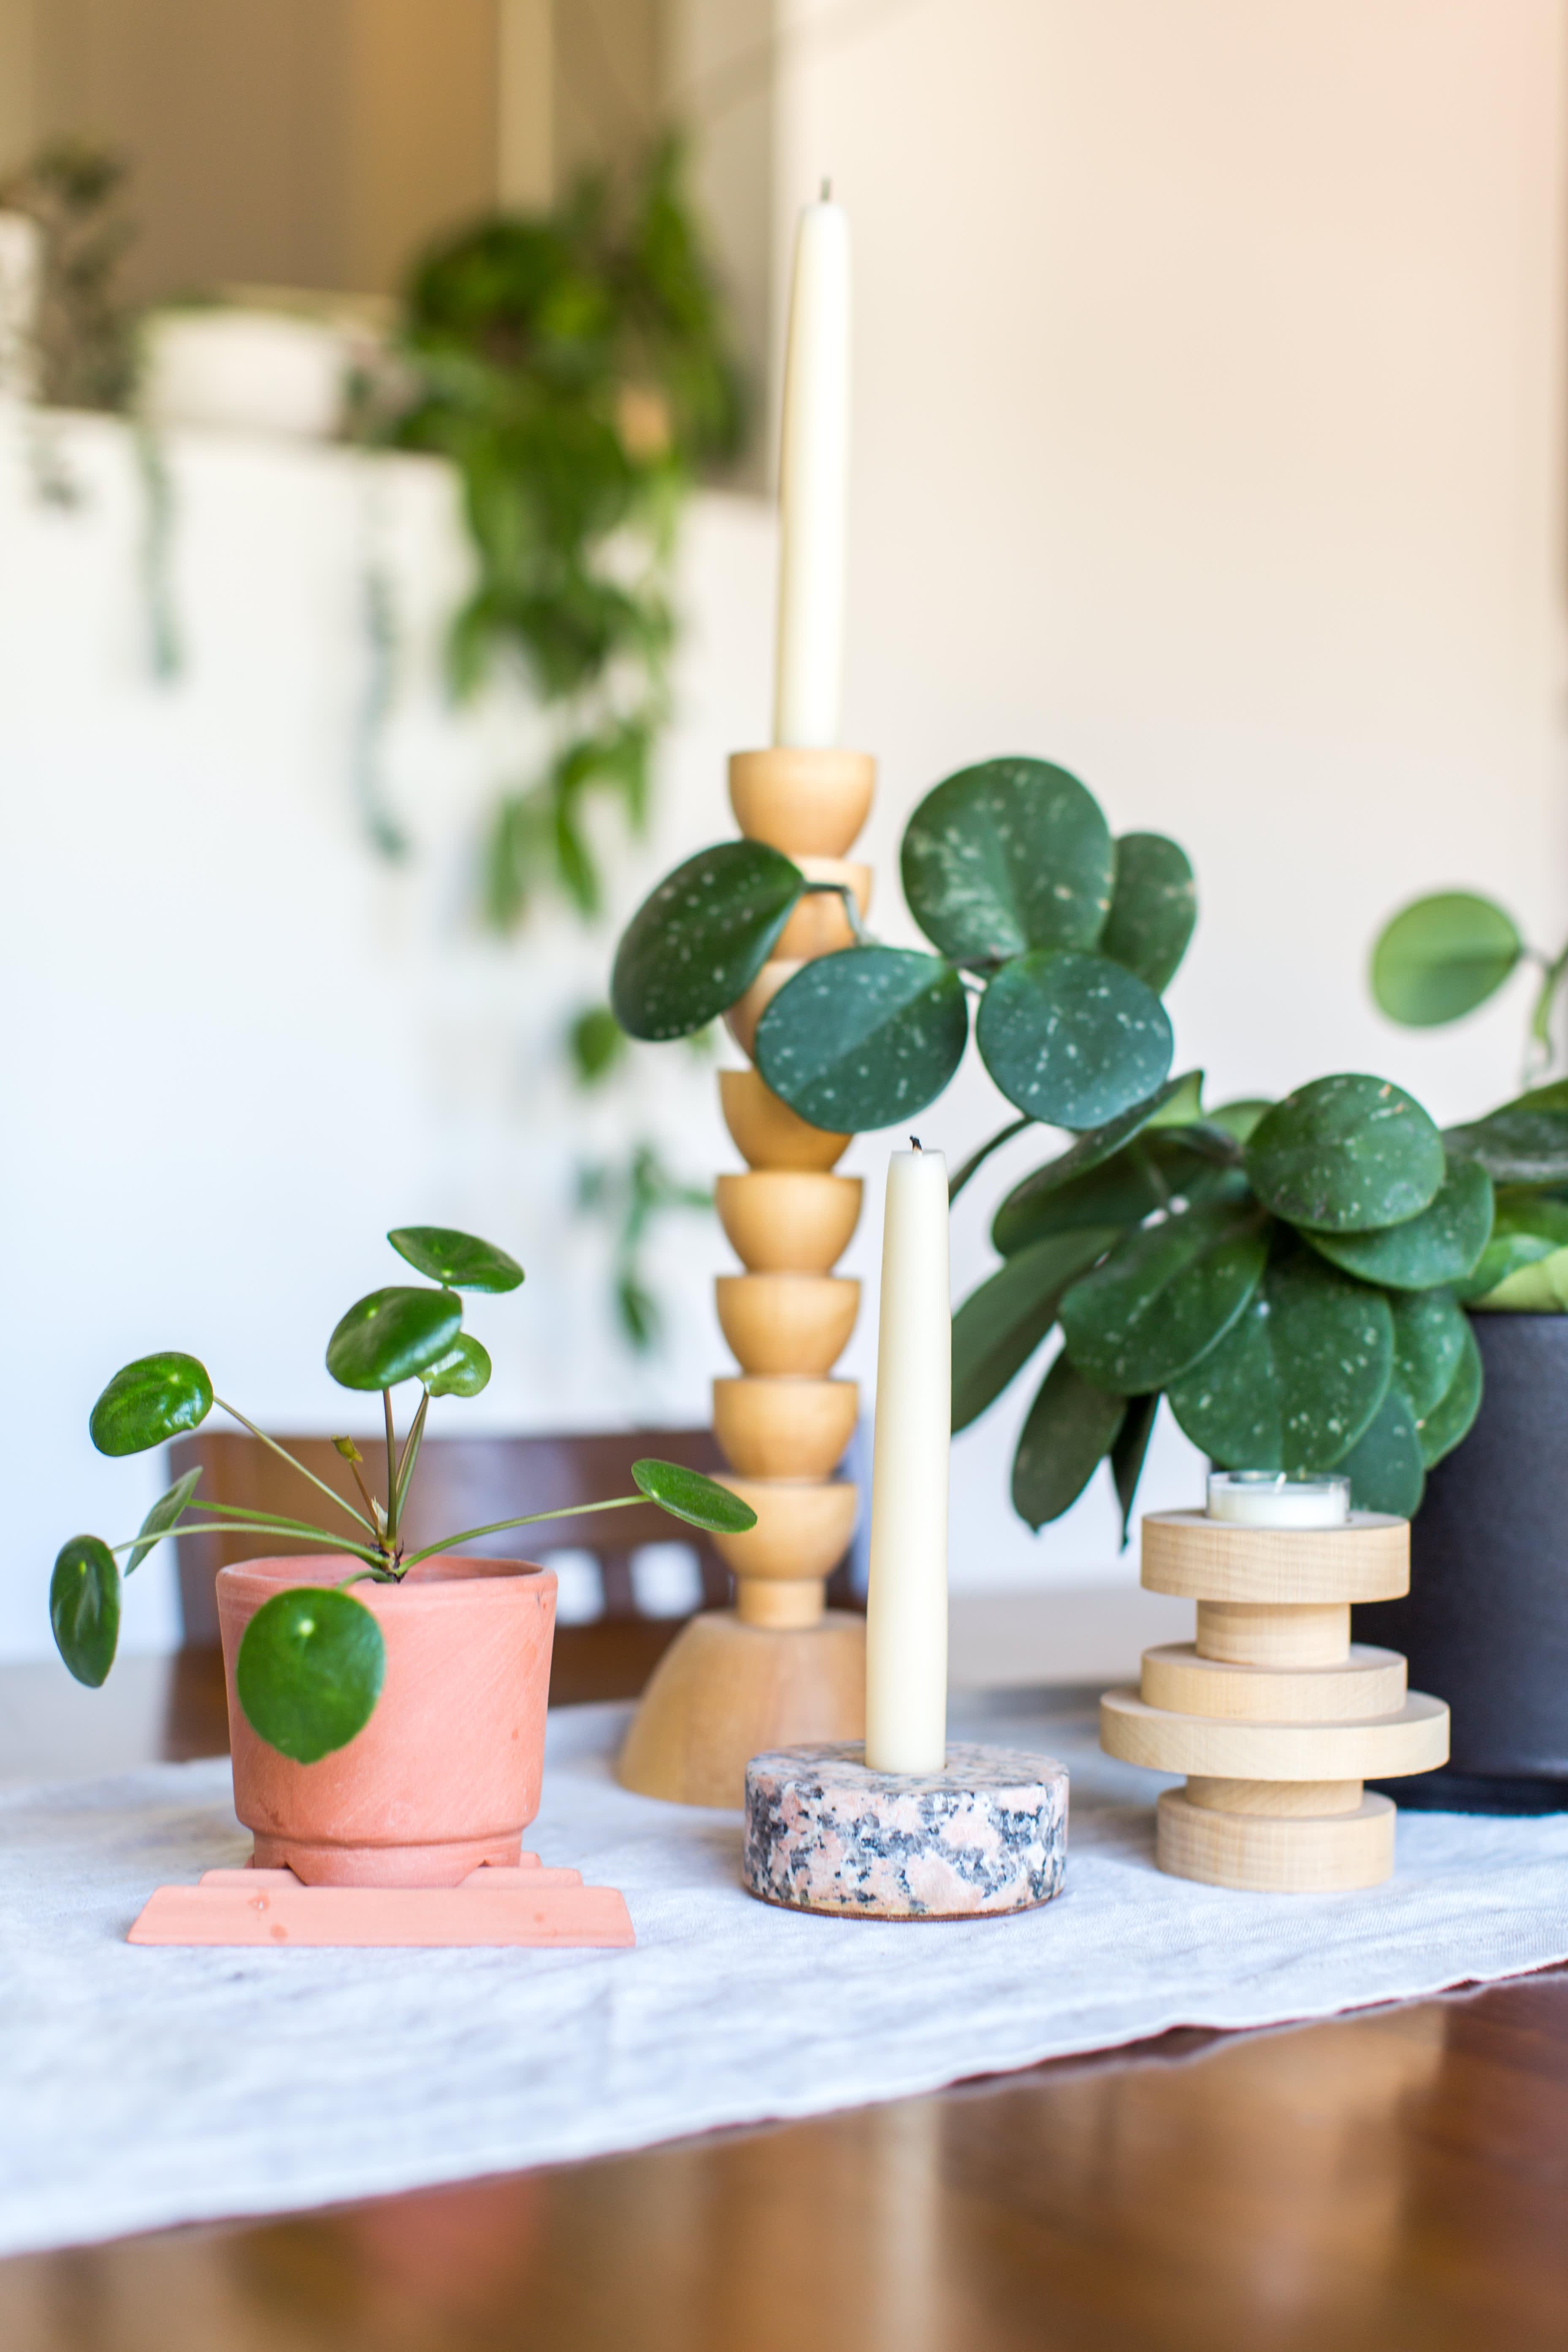 Tour WKNDLA Founder's Minimal LA Home | Apartment Therapy